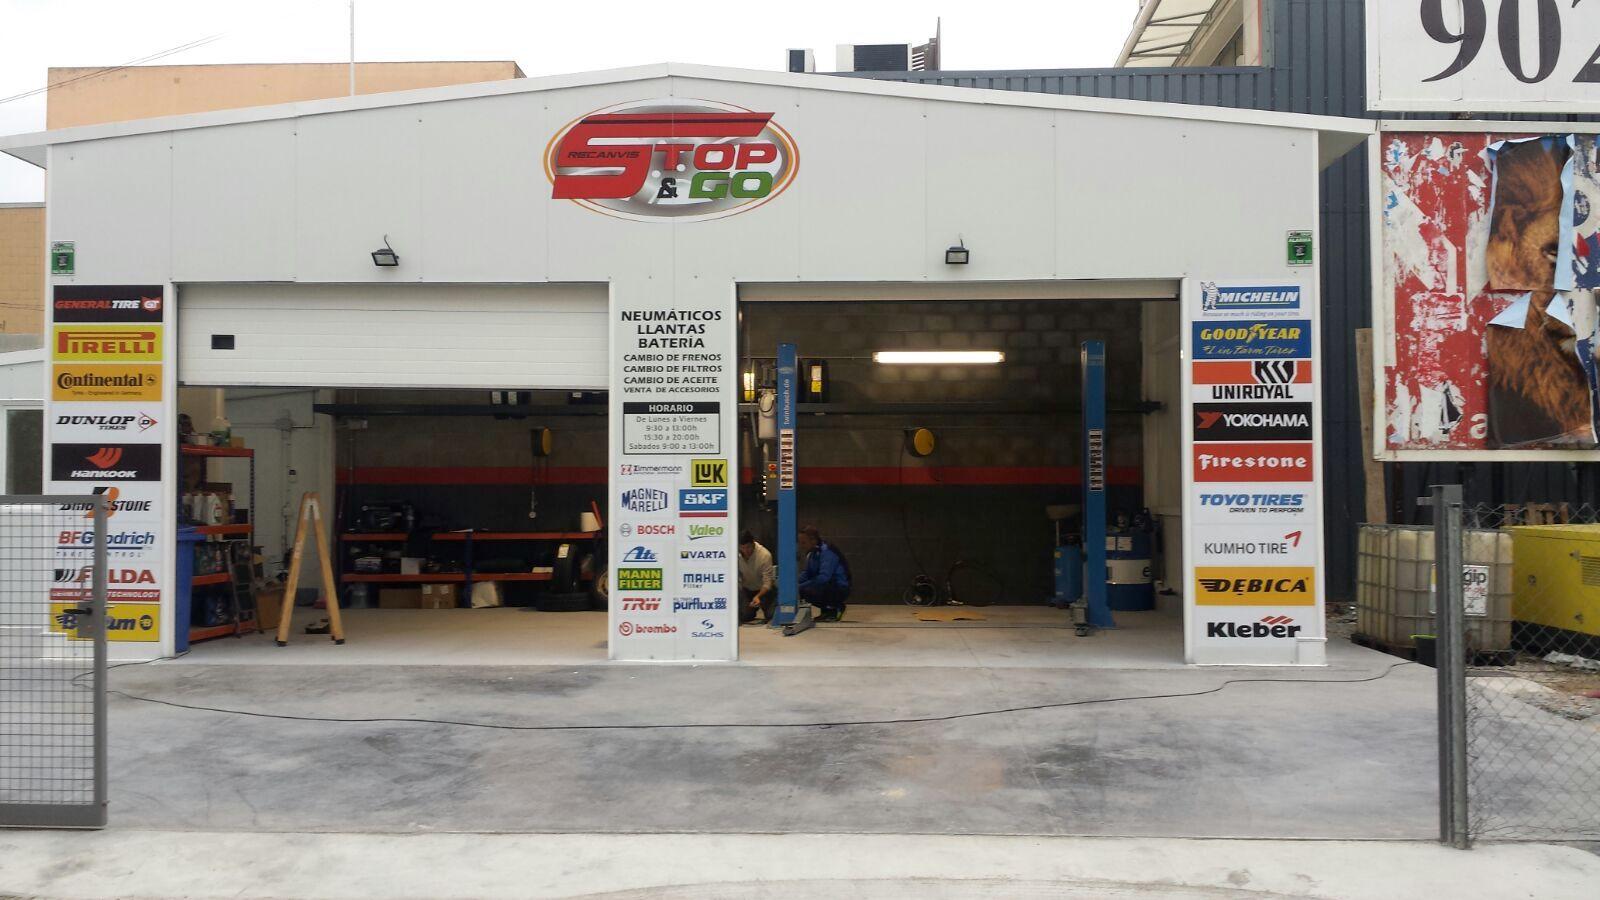 STOPGP - Vinilos